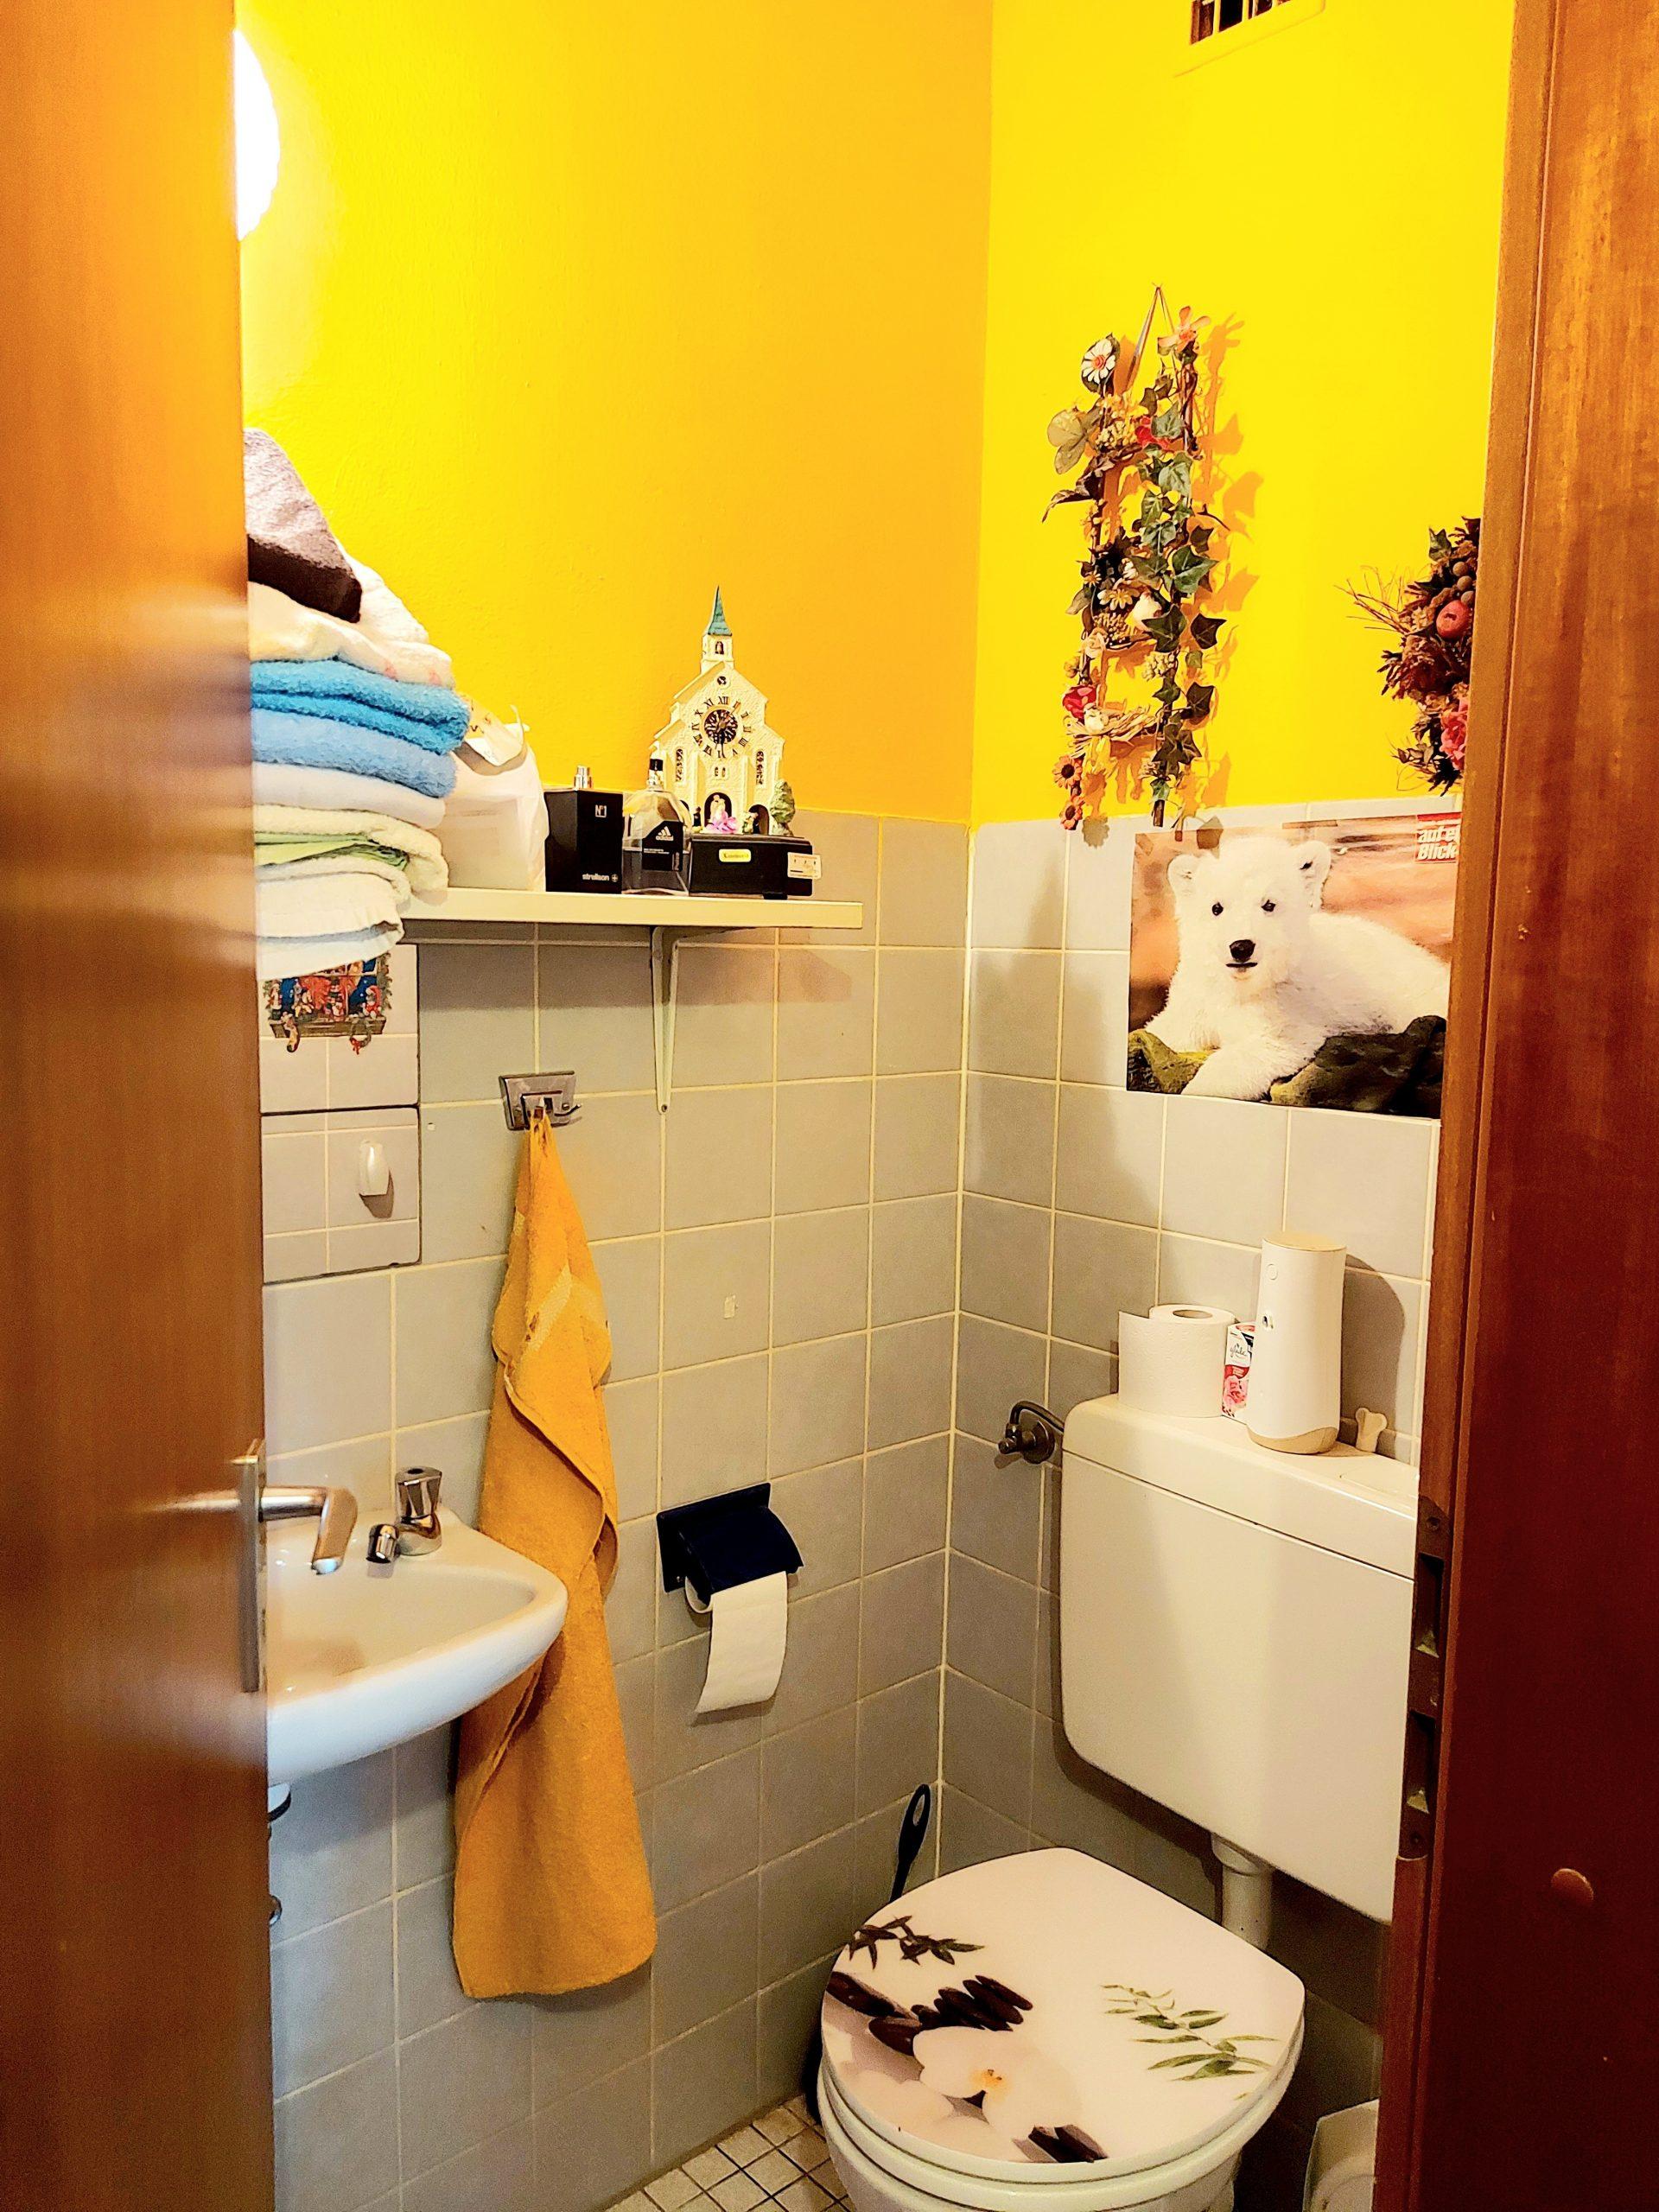 Verkauft Penthouse Ahnliche 4 Zimmer Etw In Wi Biebrich Mit Sonnenbalkon Van Ham Immobilien Markus Henning E K